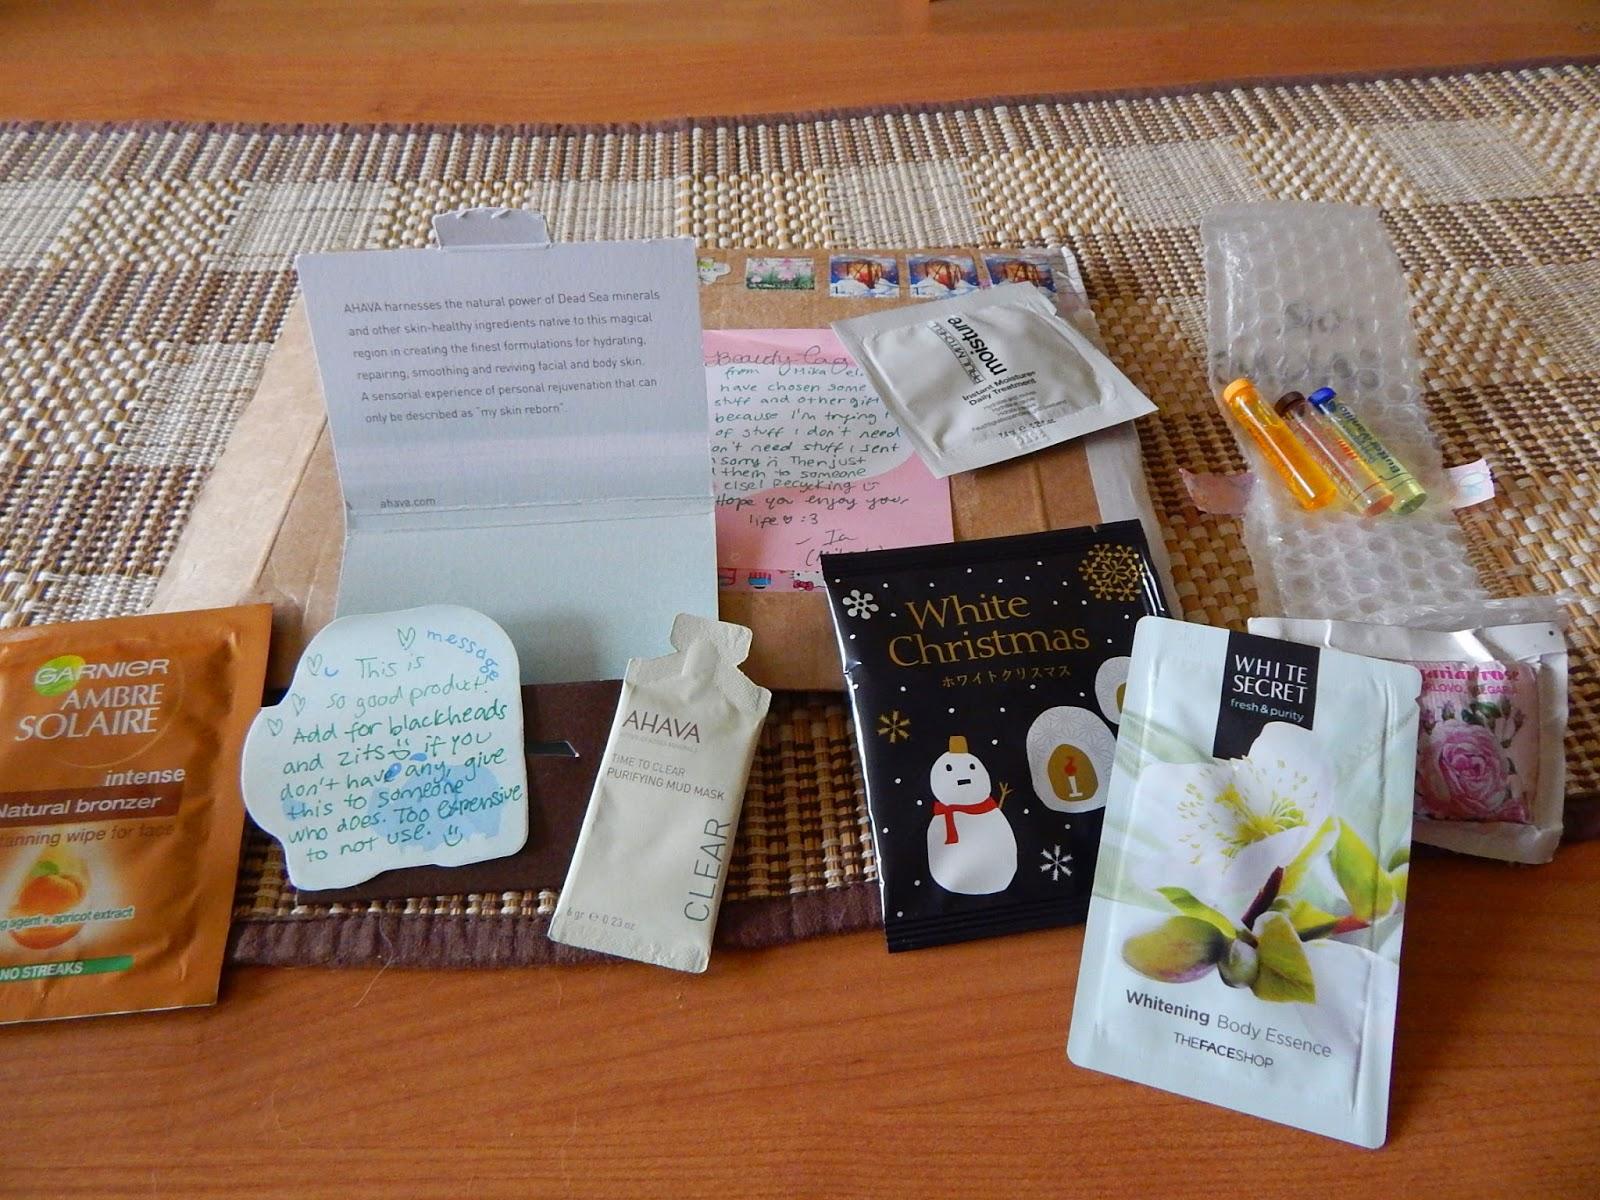 ~34 I love samples! - czyli próbki kosmetyków z całego świata